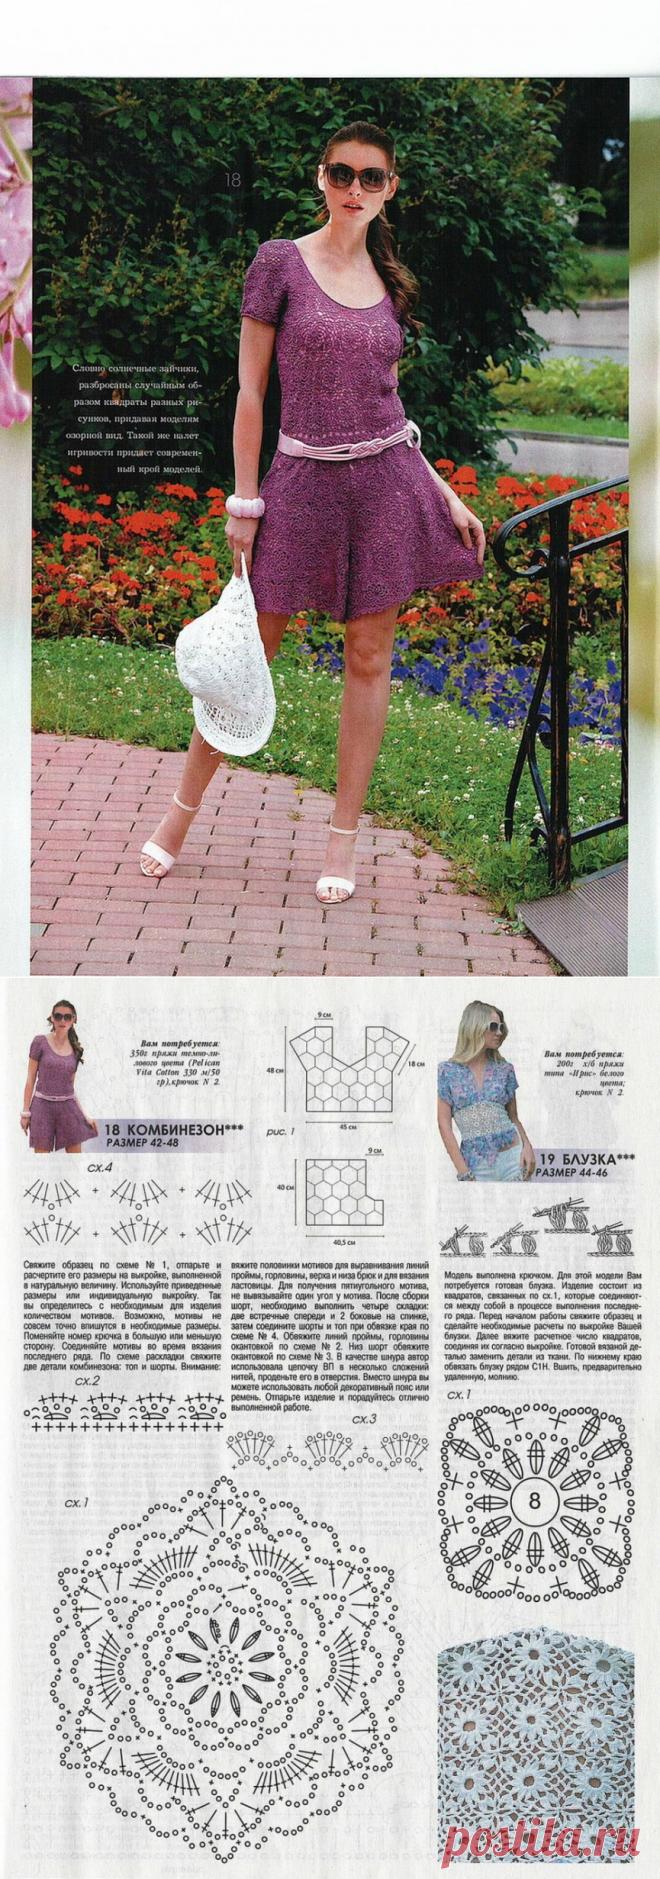 crochelinhasagulhas: Macaquinho lilás em crochê